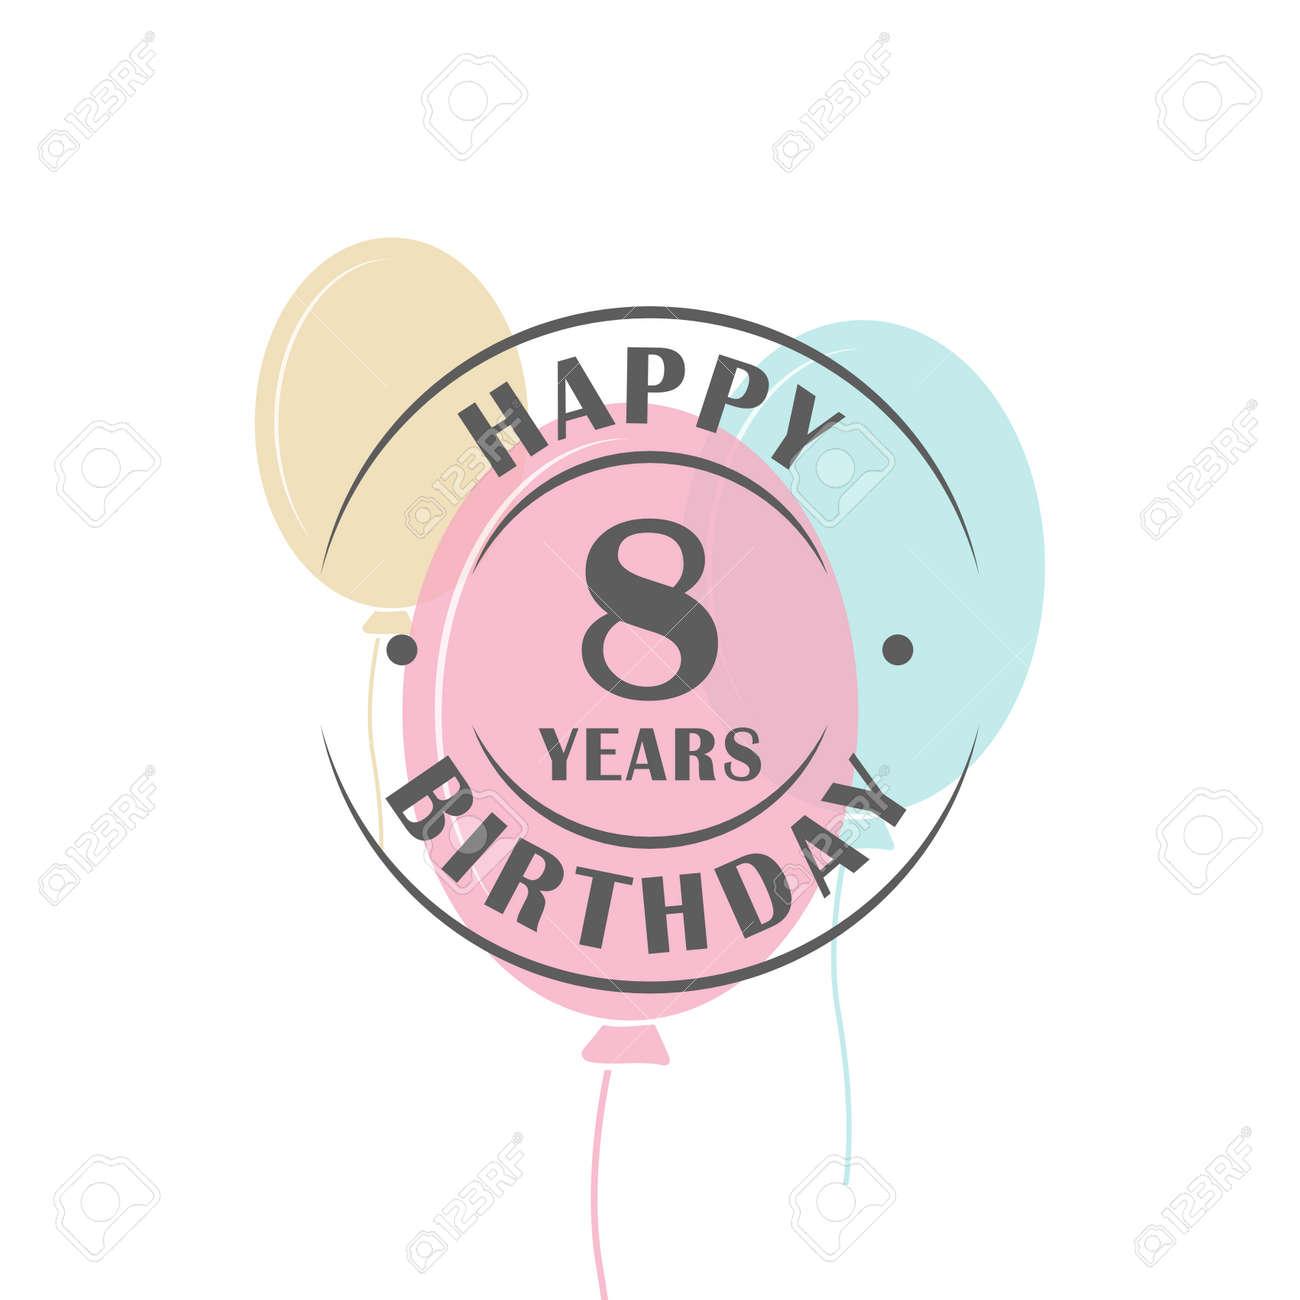 Connu Joyeux Anniversaire Logo 8 Ans Ronde Avec Des Ballons De Fête  RW33